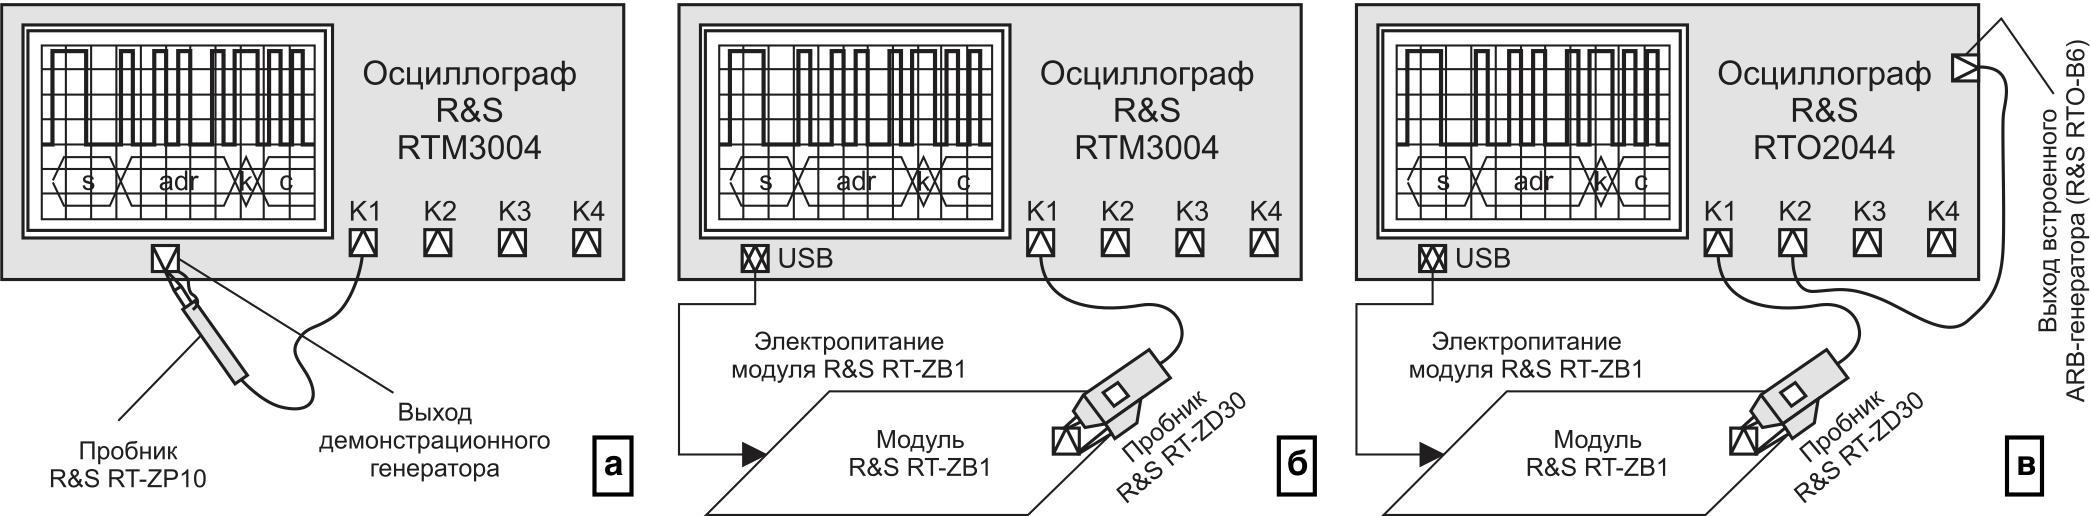 Схемы измерительной установки: а) при использовании демонстрационного генератора; б) при использовании модуля R&S RT-ZB1; в) при анализе влияния аддитивных импульсных помех на возможность декодирования сигналов